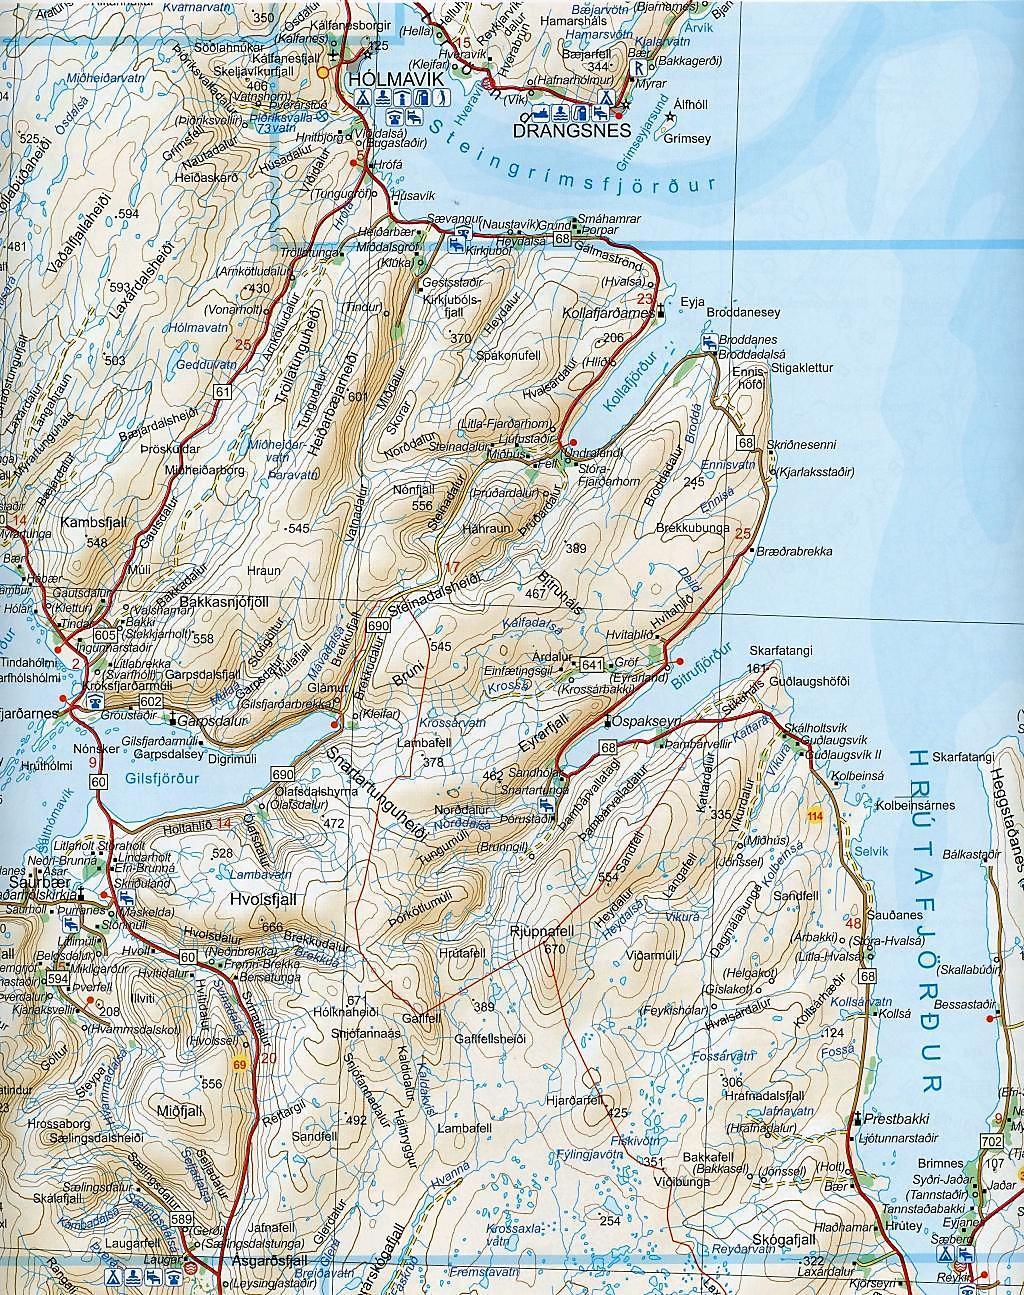 Iceland Road Atlas 1 : 200 000 Buch portofrei bei Weltbild.at